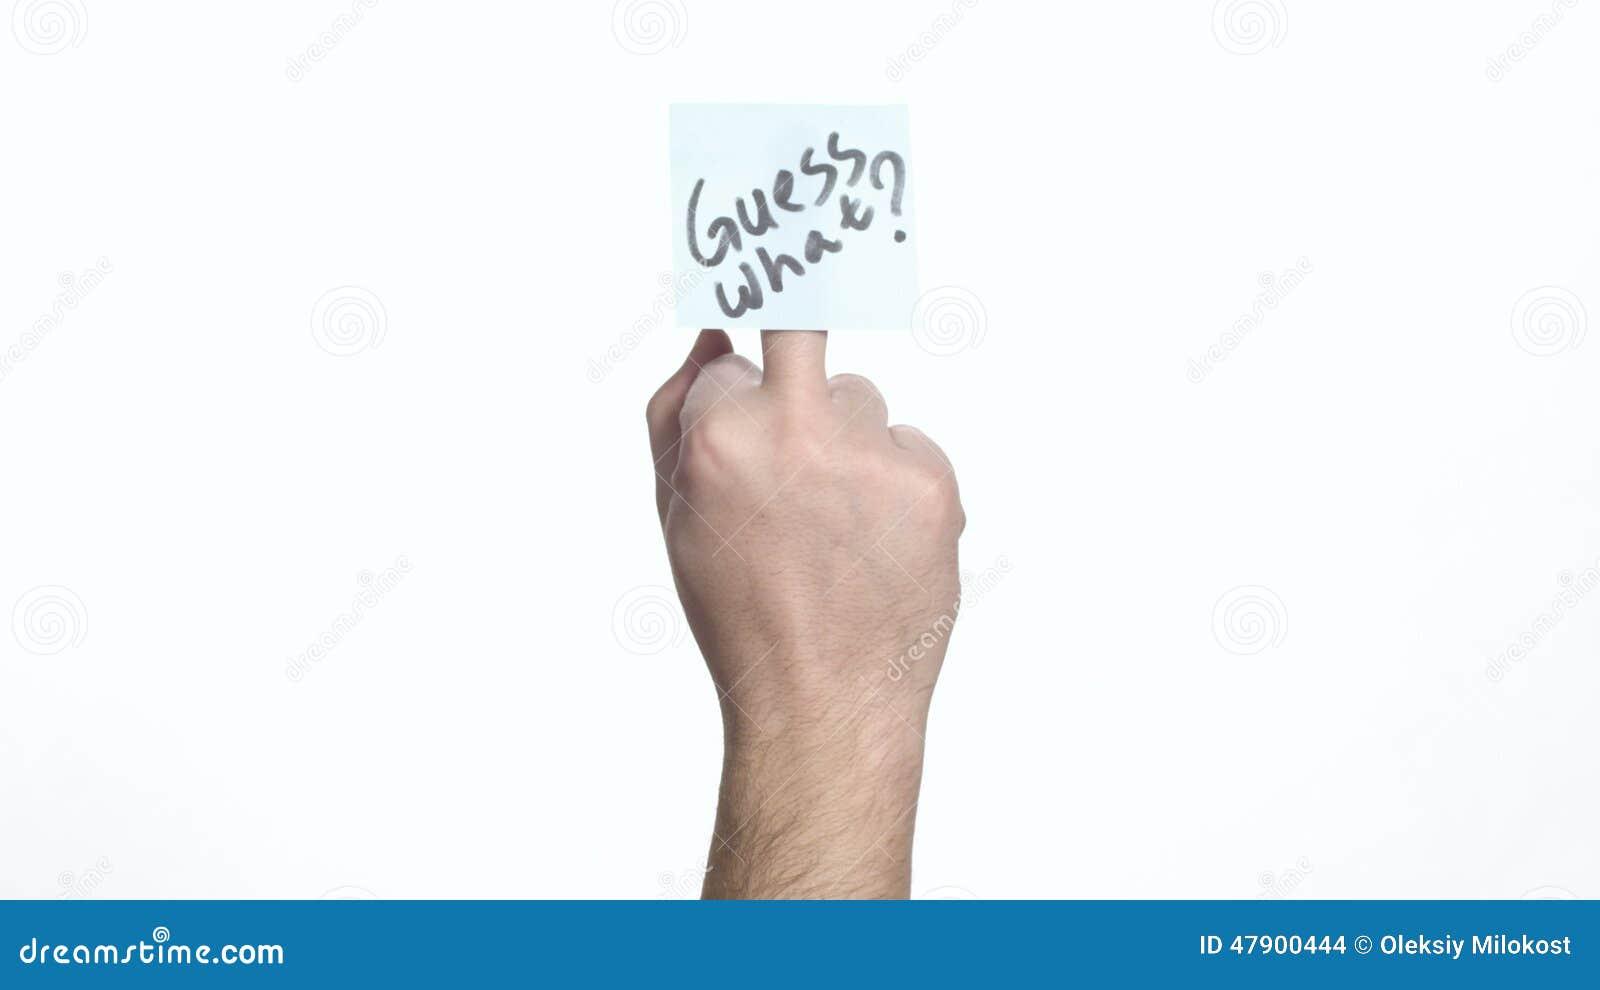 Middle finger text symbol choice image symbol and sign ideas middle finger text symbol gallery symbol and sign ideas your text on a sticker with middle buycottarizona